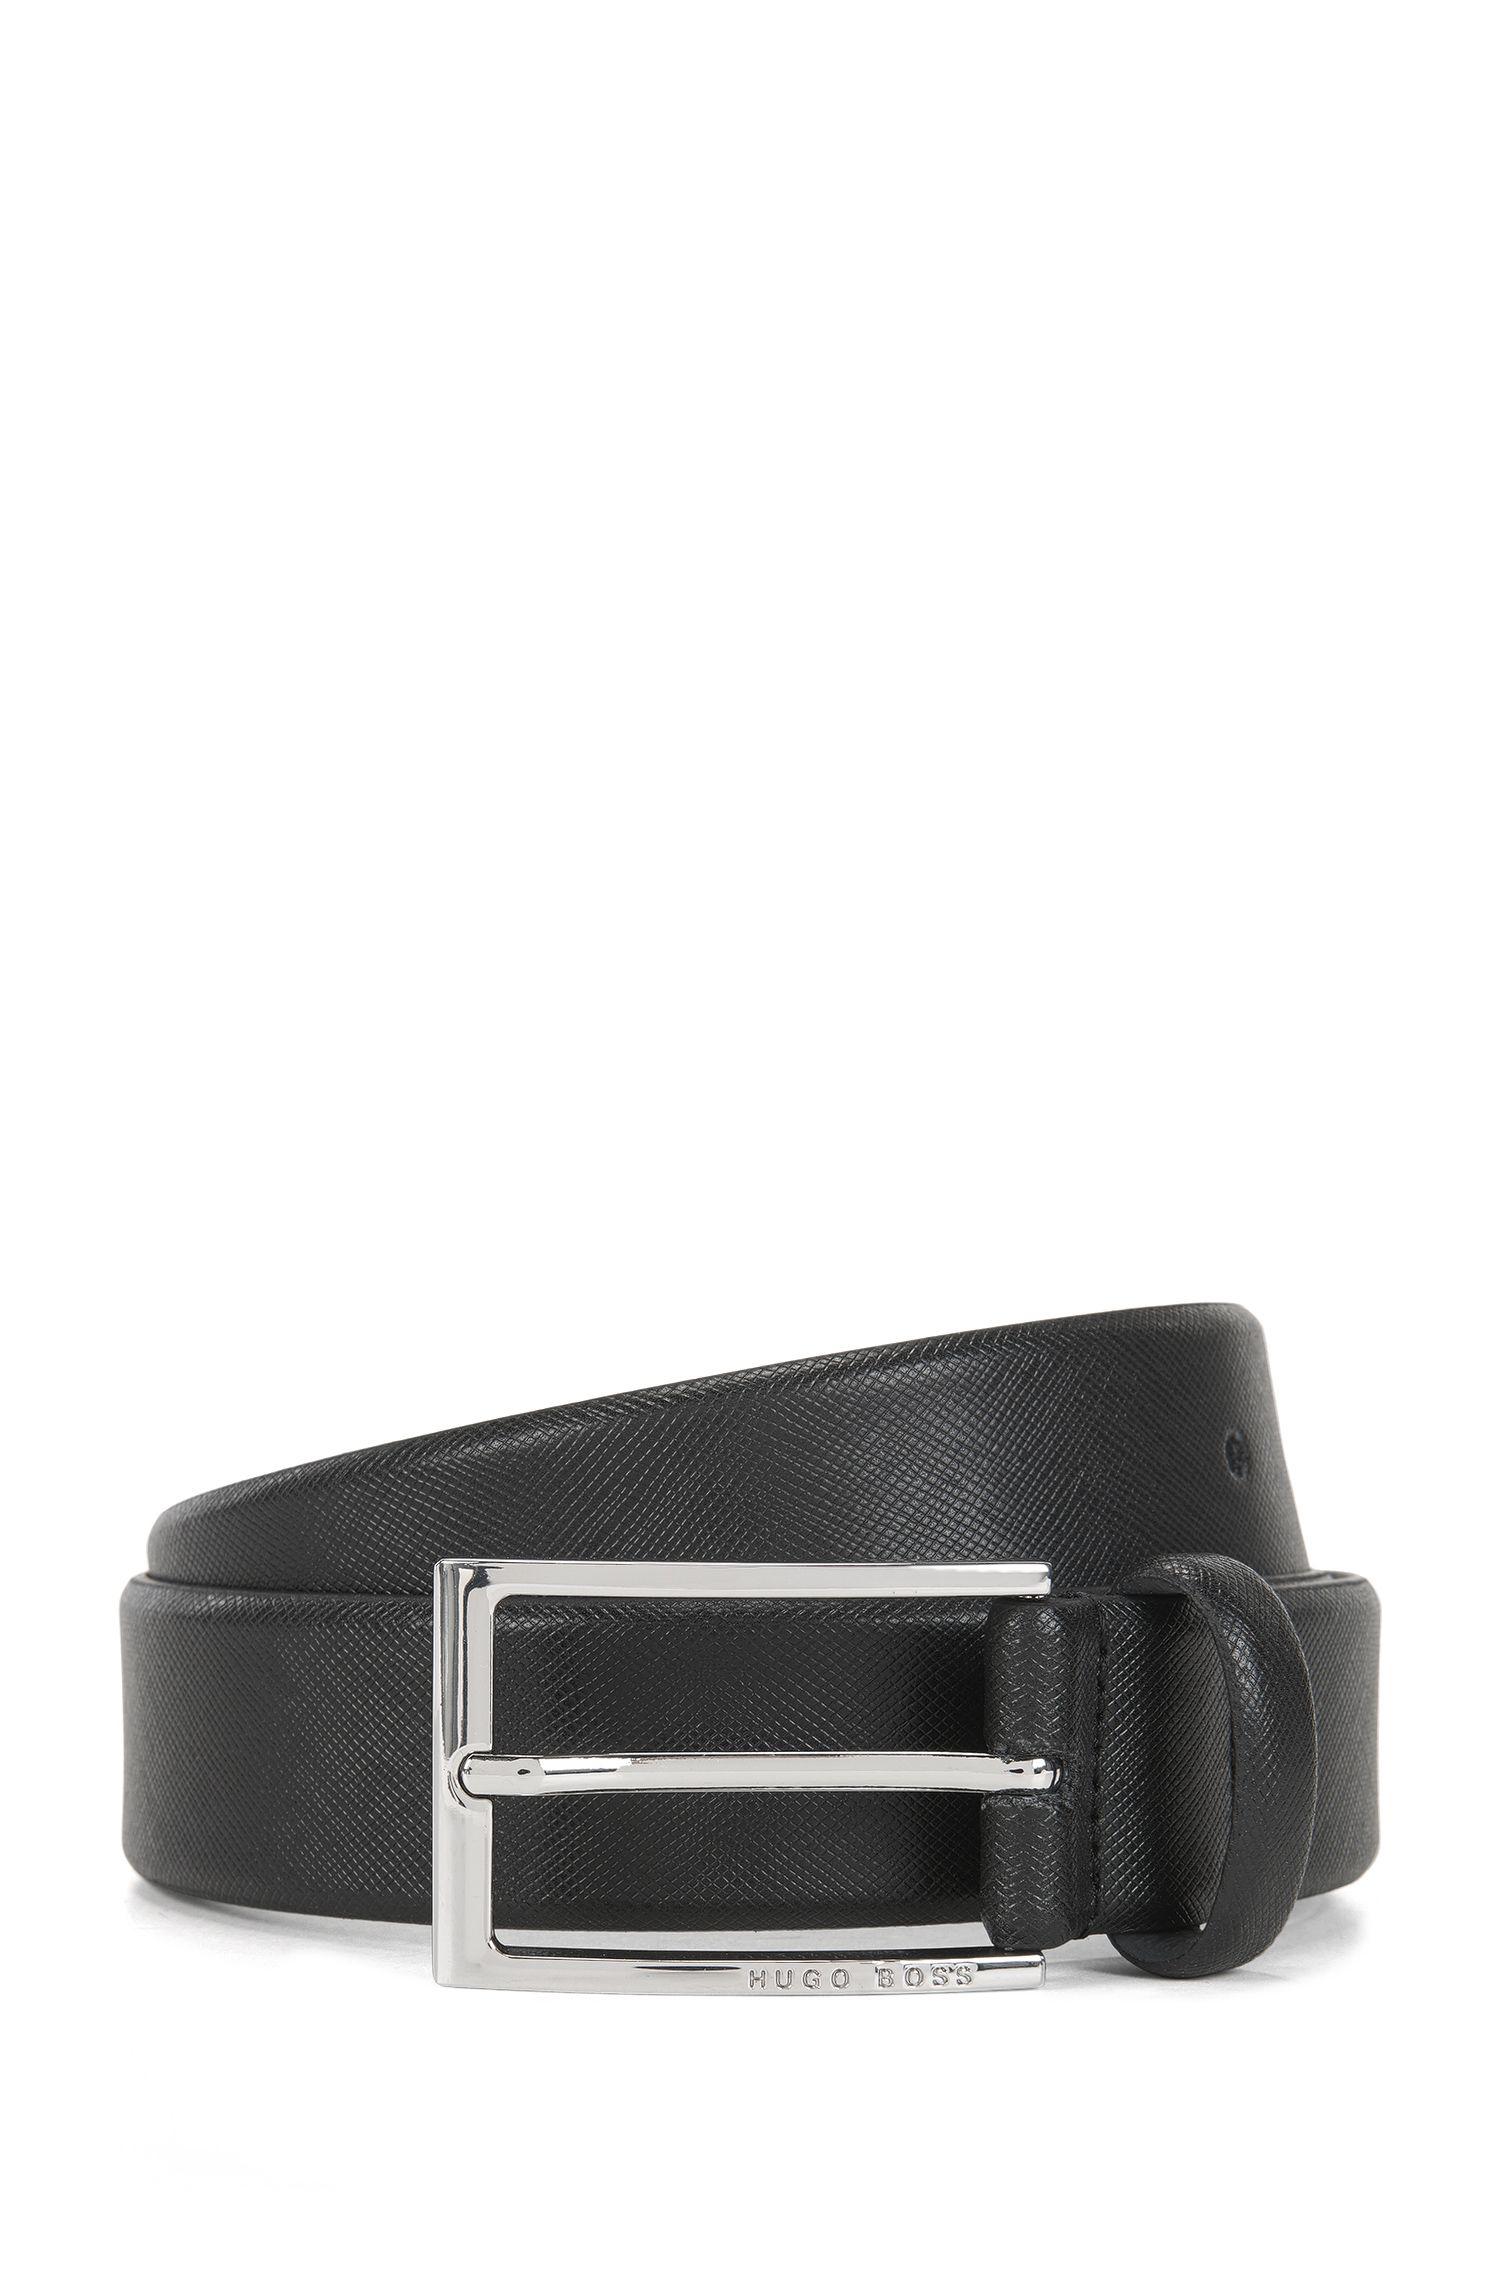 Cinturón business en piel Saffiano